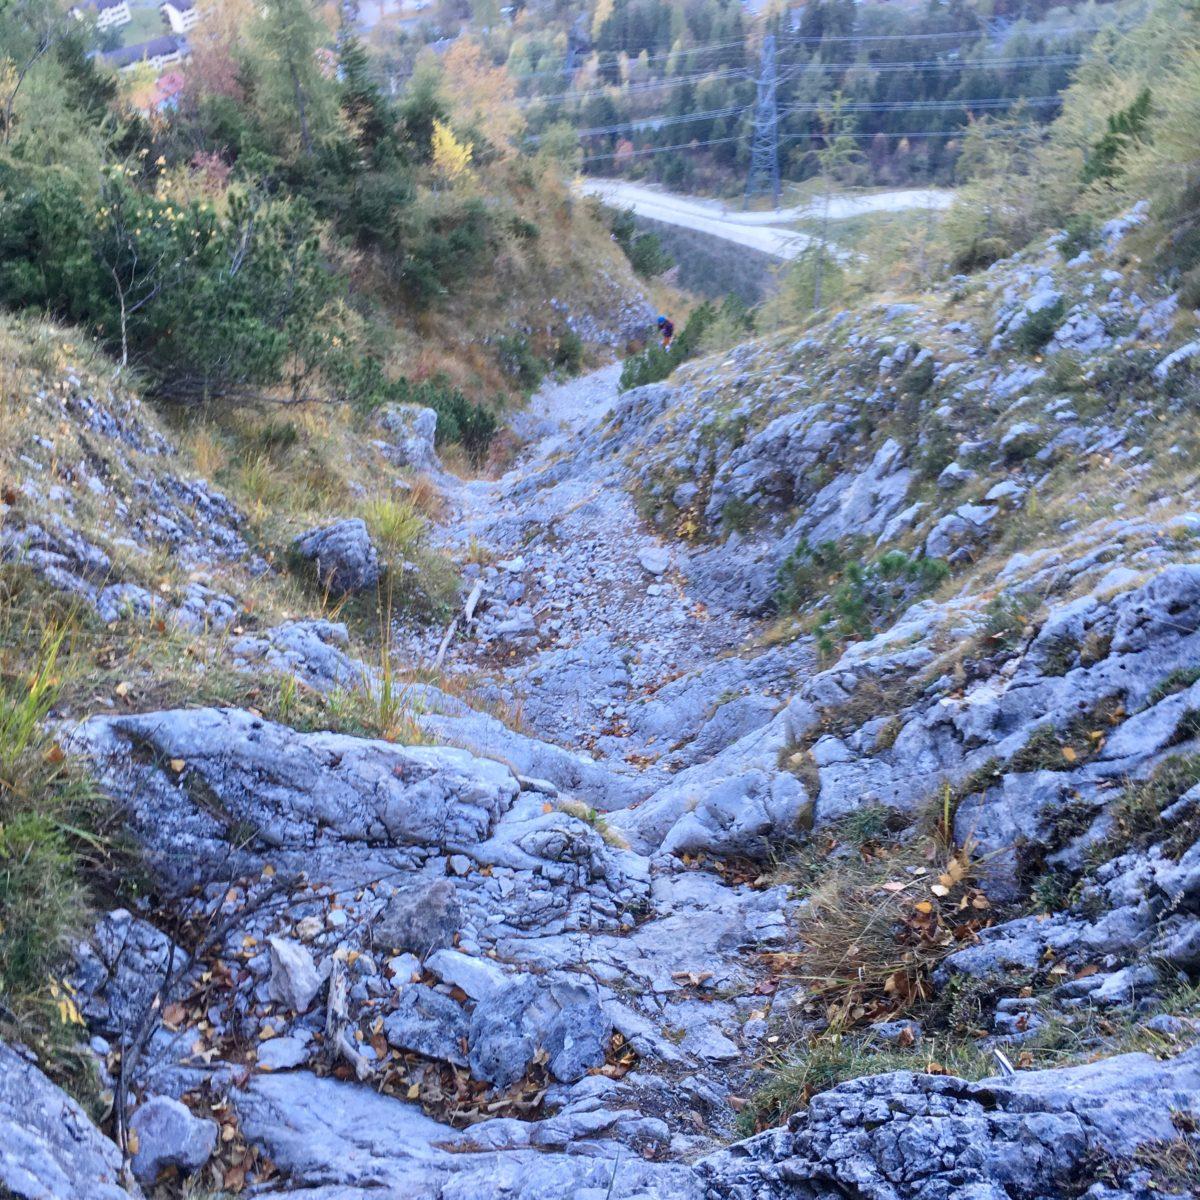 Ausstieg des Kletterteils